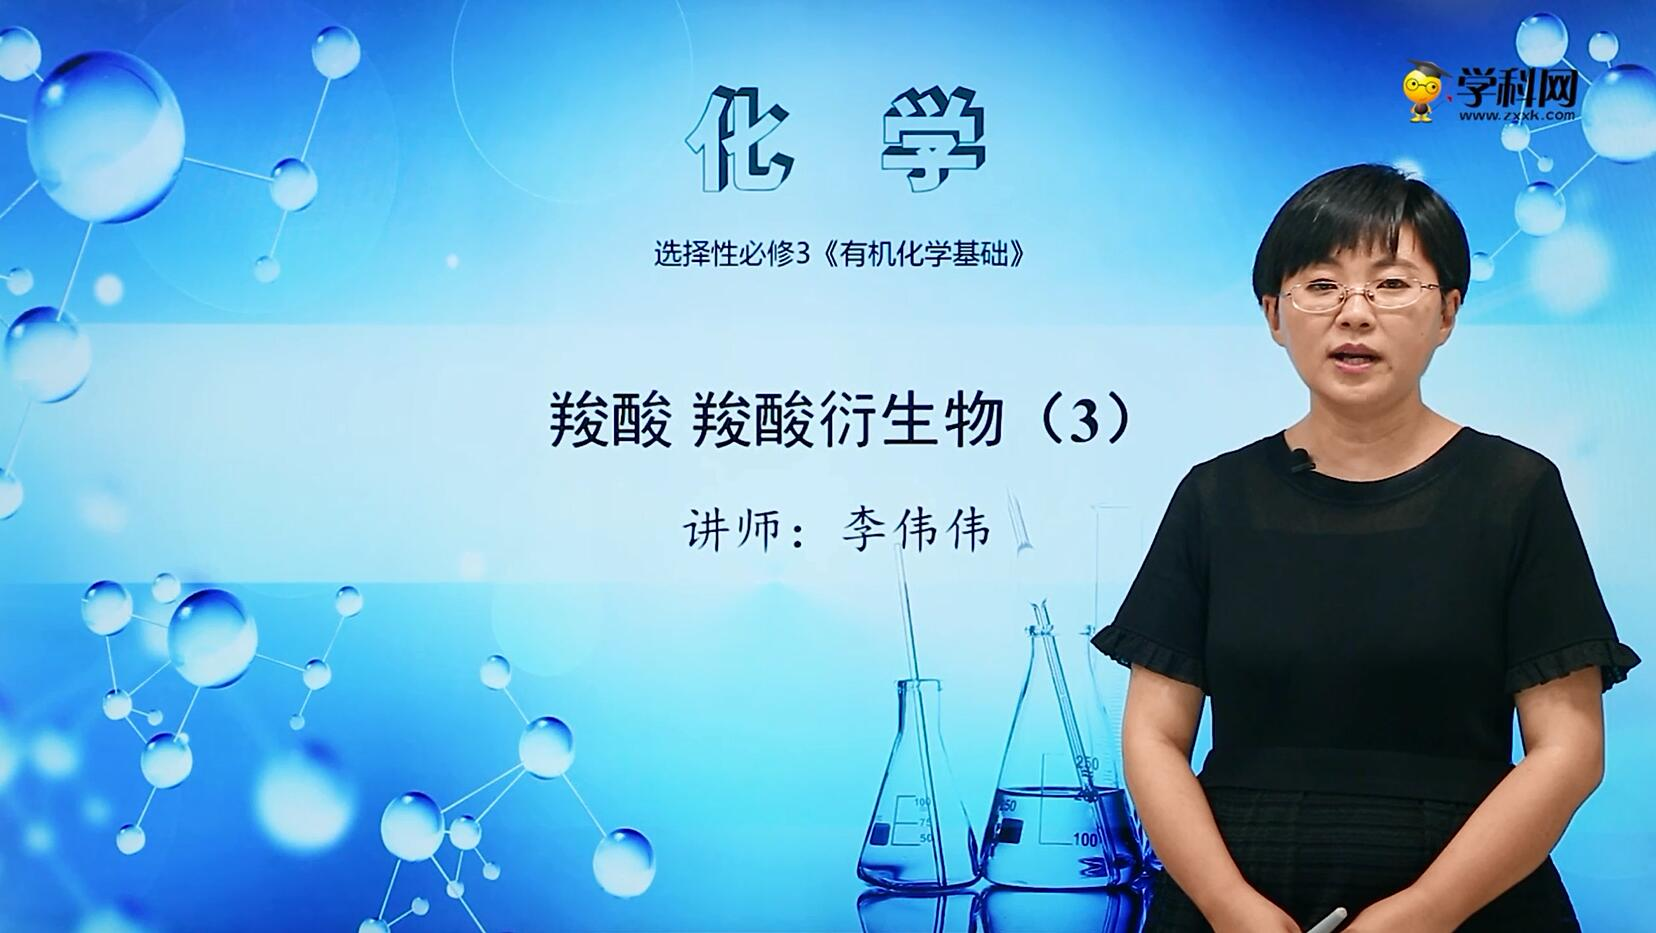 3.4 羧酸 羧酸衍生物(3)(油脂)-高中化學選擇性必修3(新教材同步)